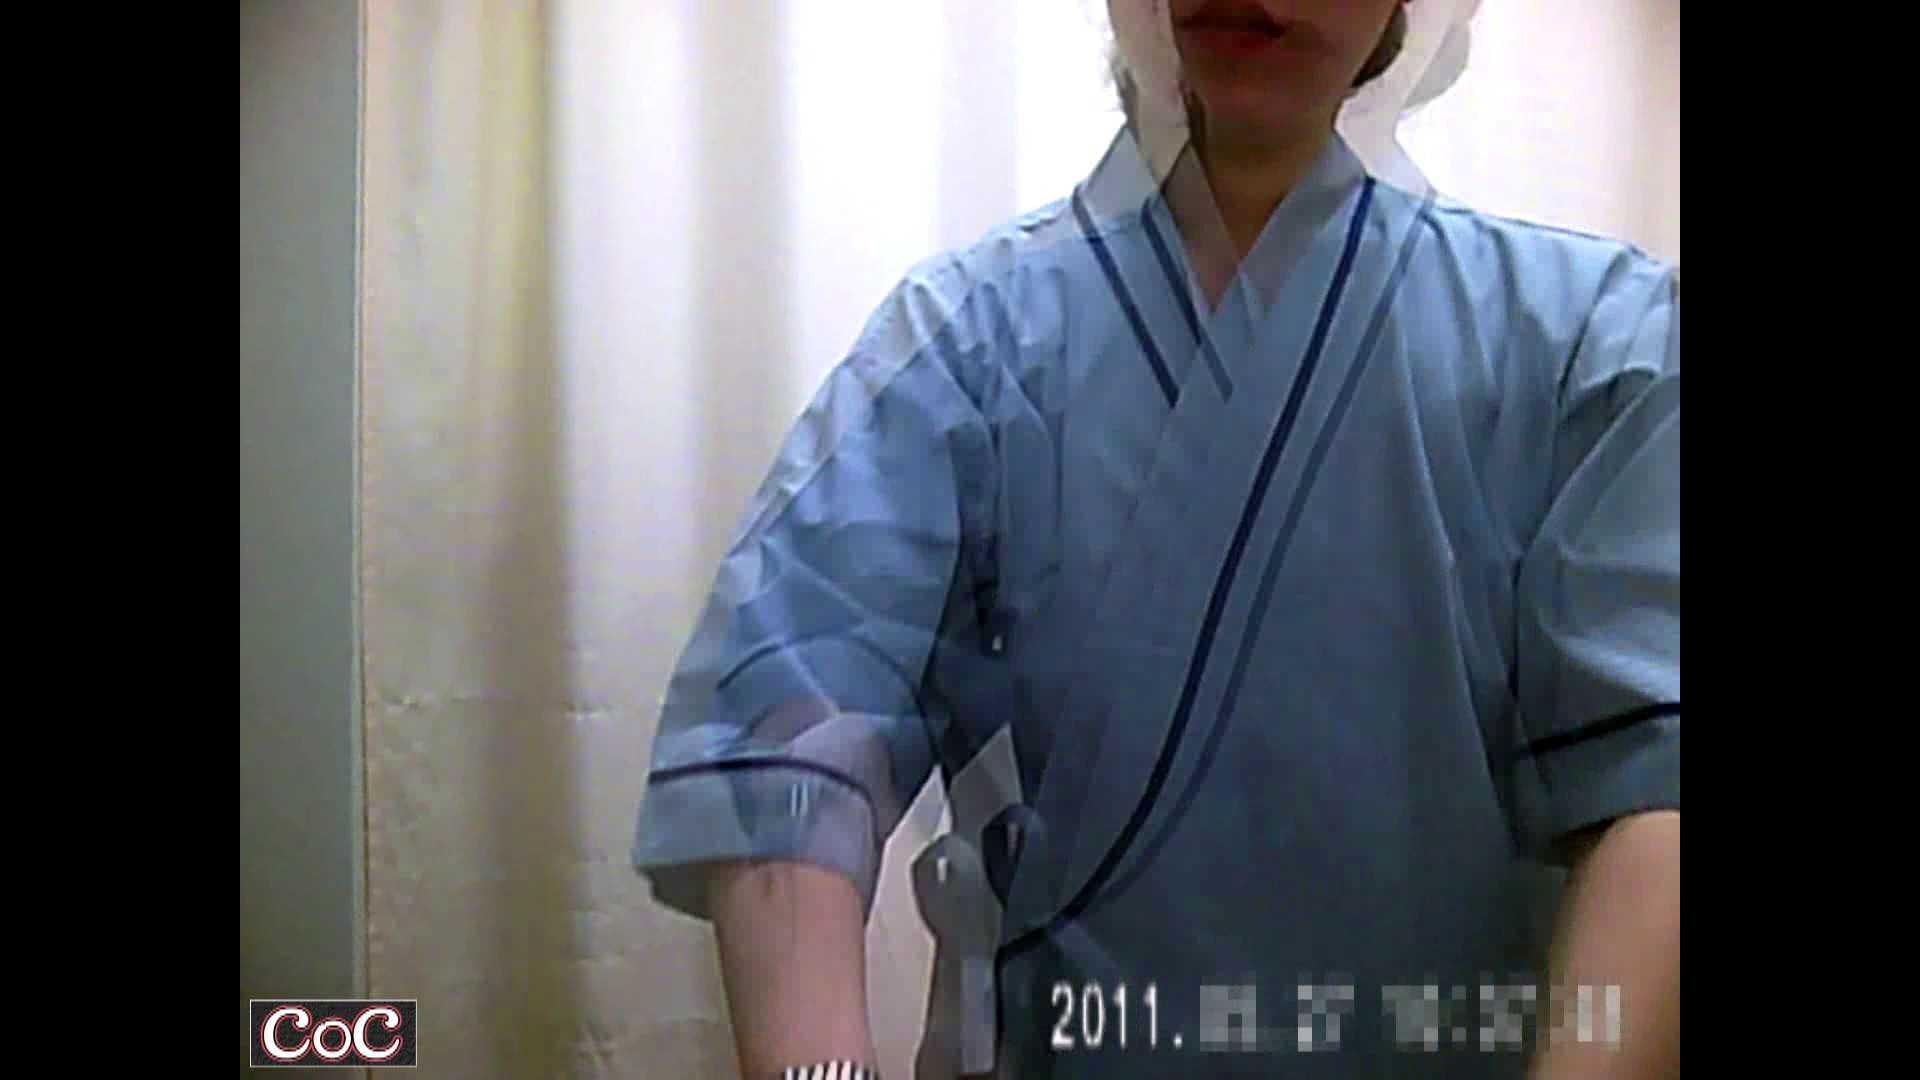 病院おもいっきり着替え! vol.127 OLヌード天国 エロ画像 101PIX 100